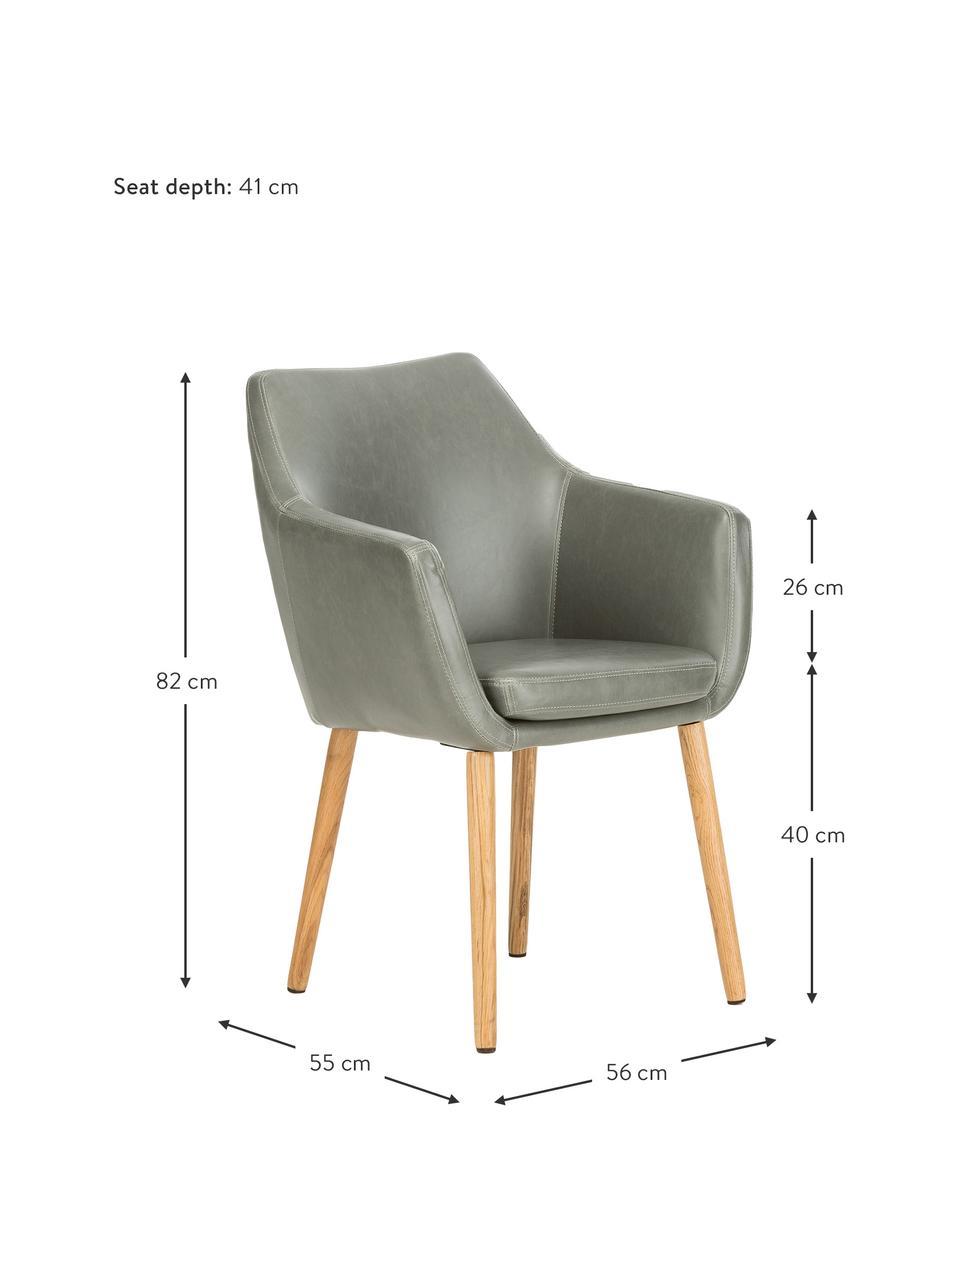 Chaise cuir synthétique pieds en bois Nora, Cuir synthétique gris clair, pieds chêne